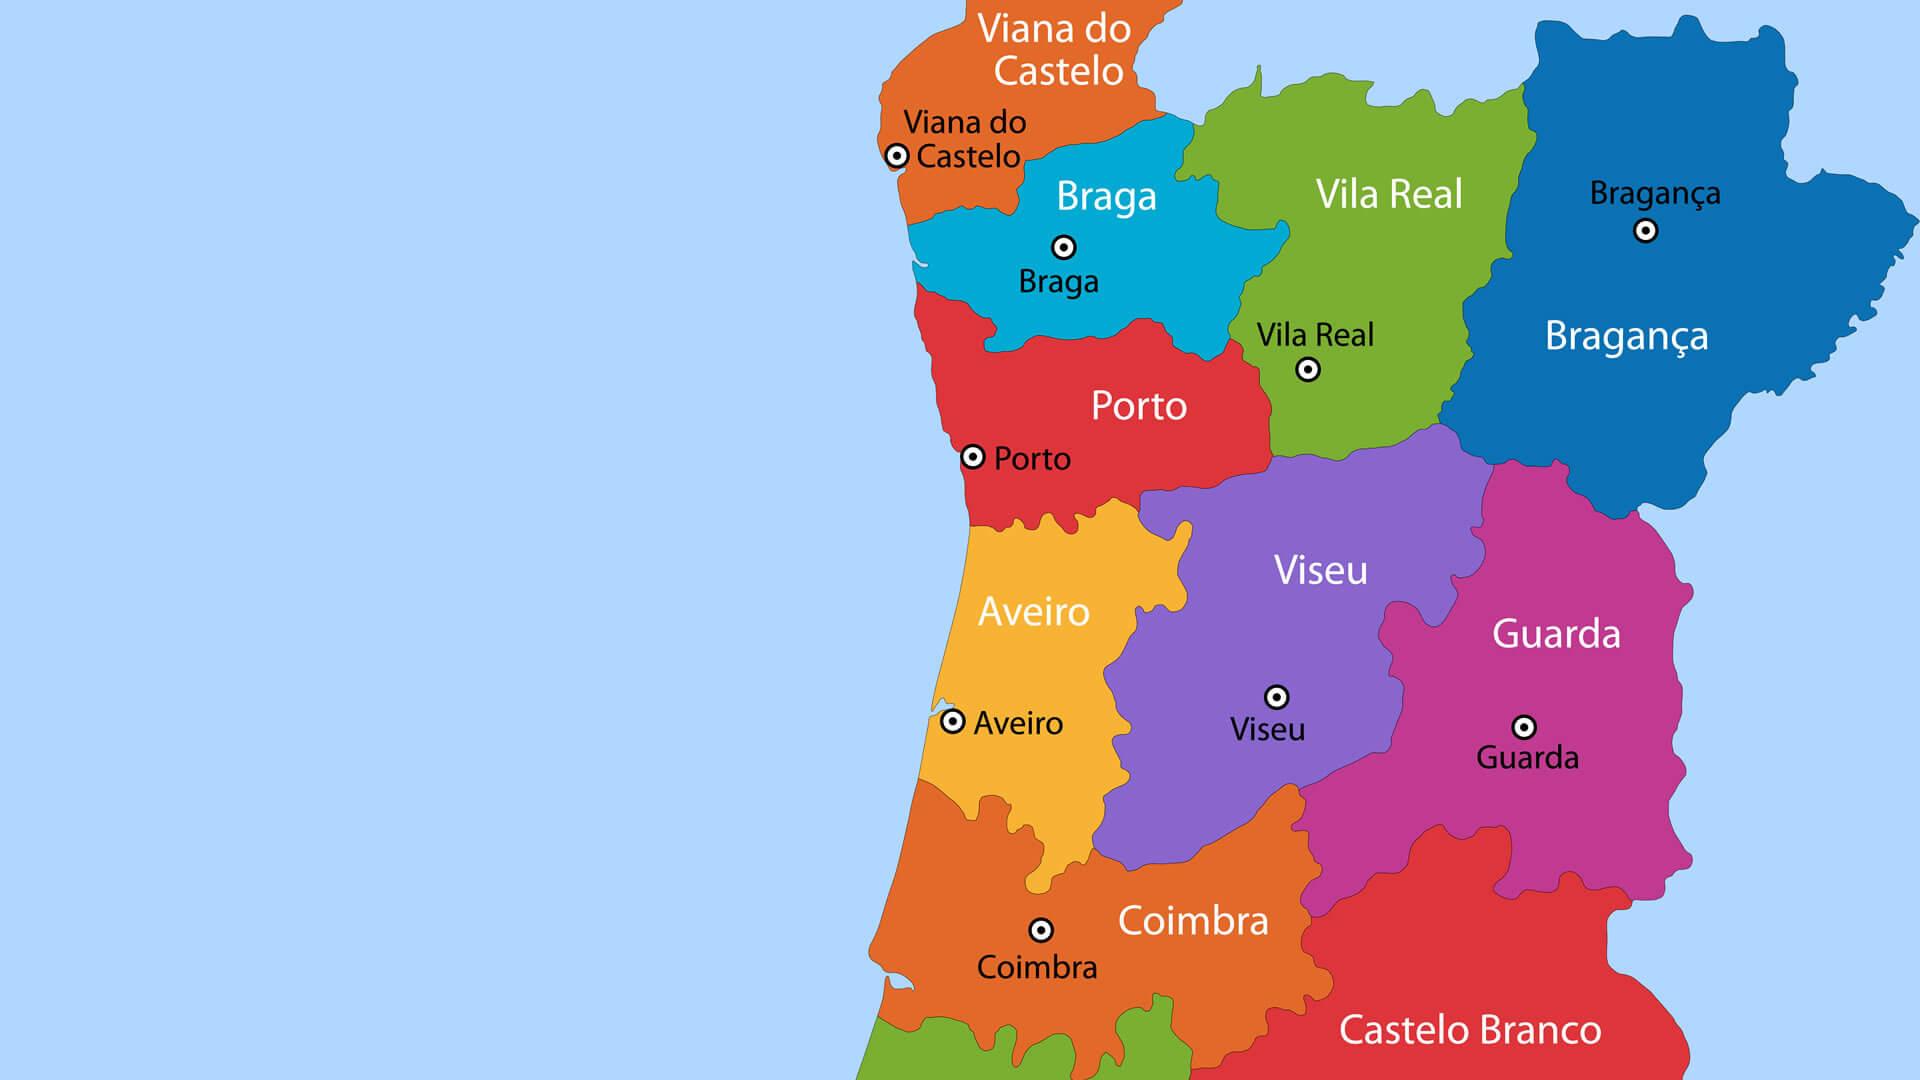 Detectados cuatro casos de legionela en el norte de Portugal - Noticias - admaplagas.es